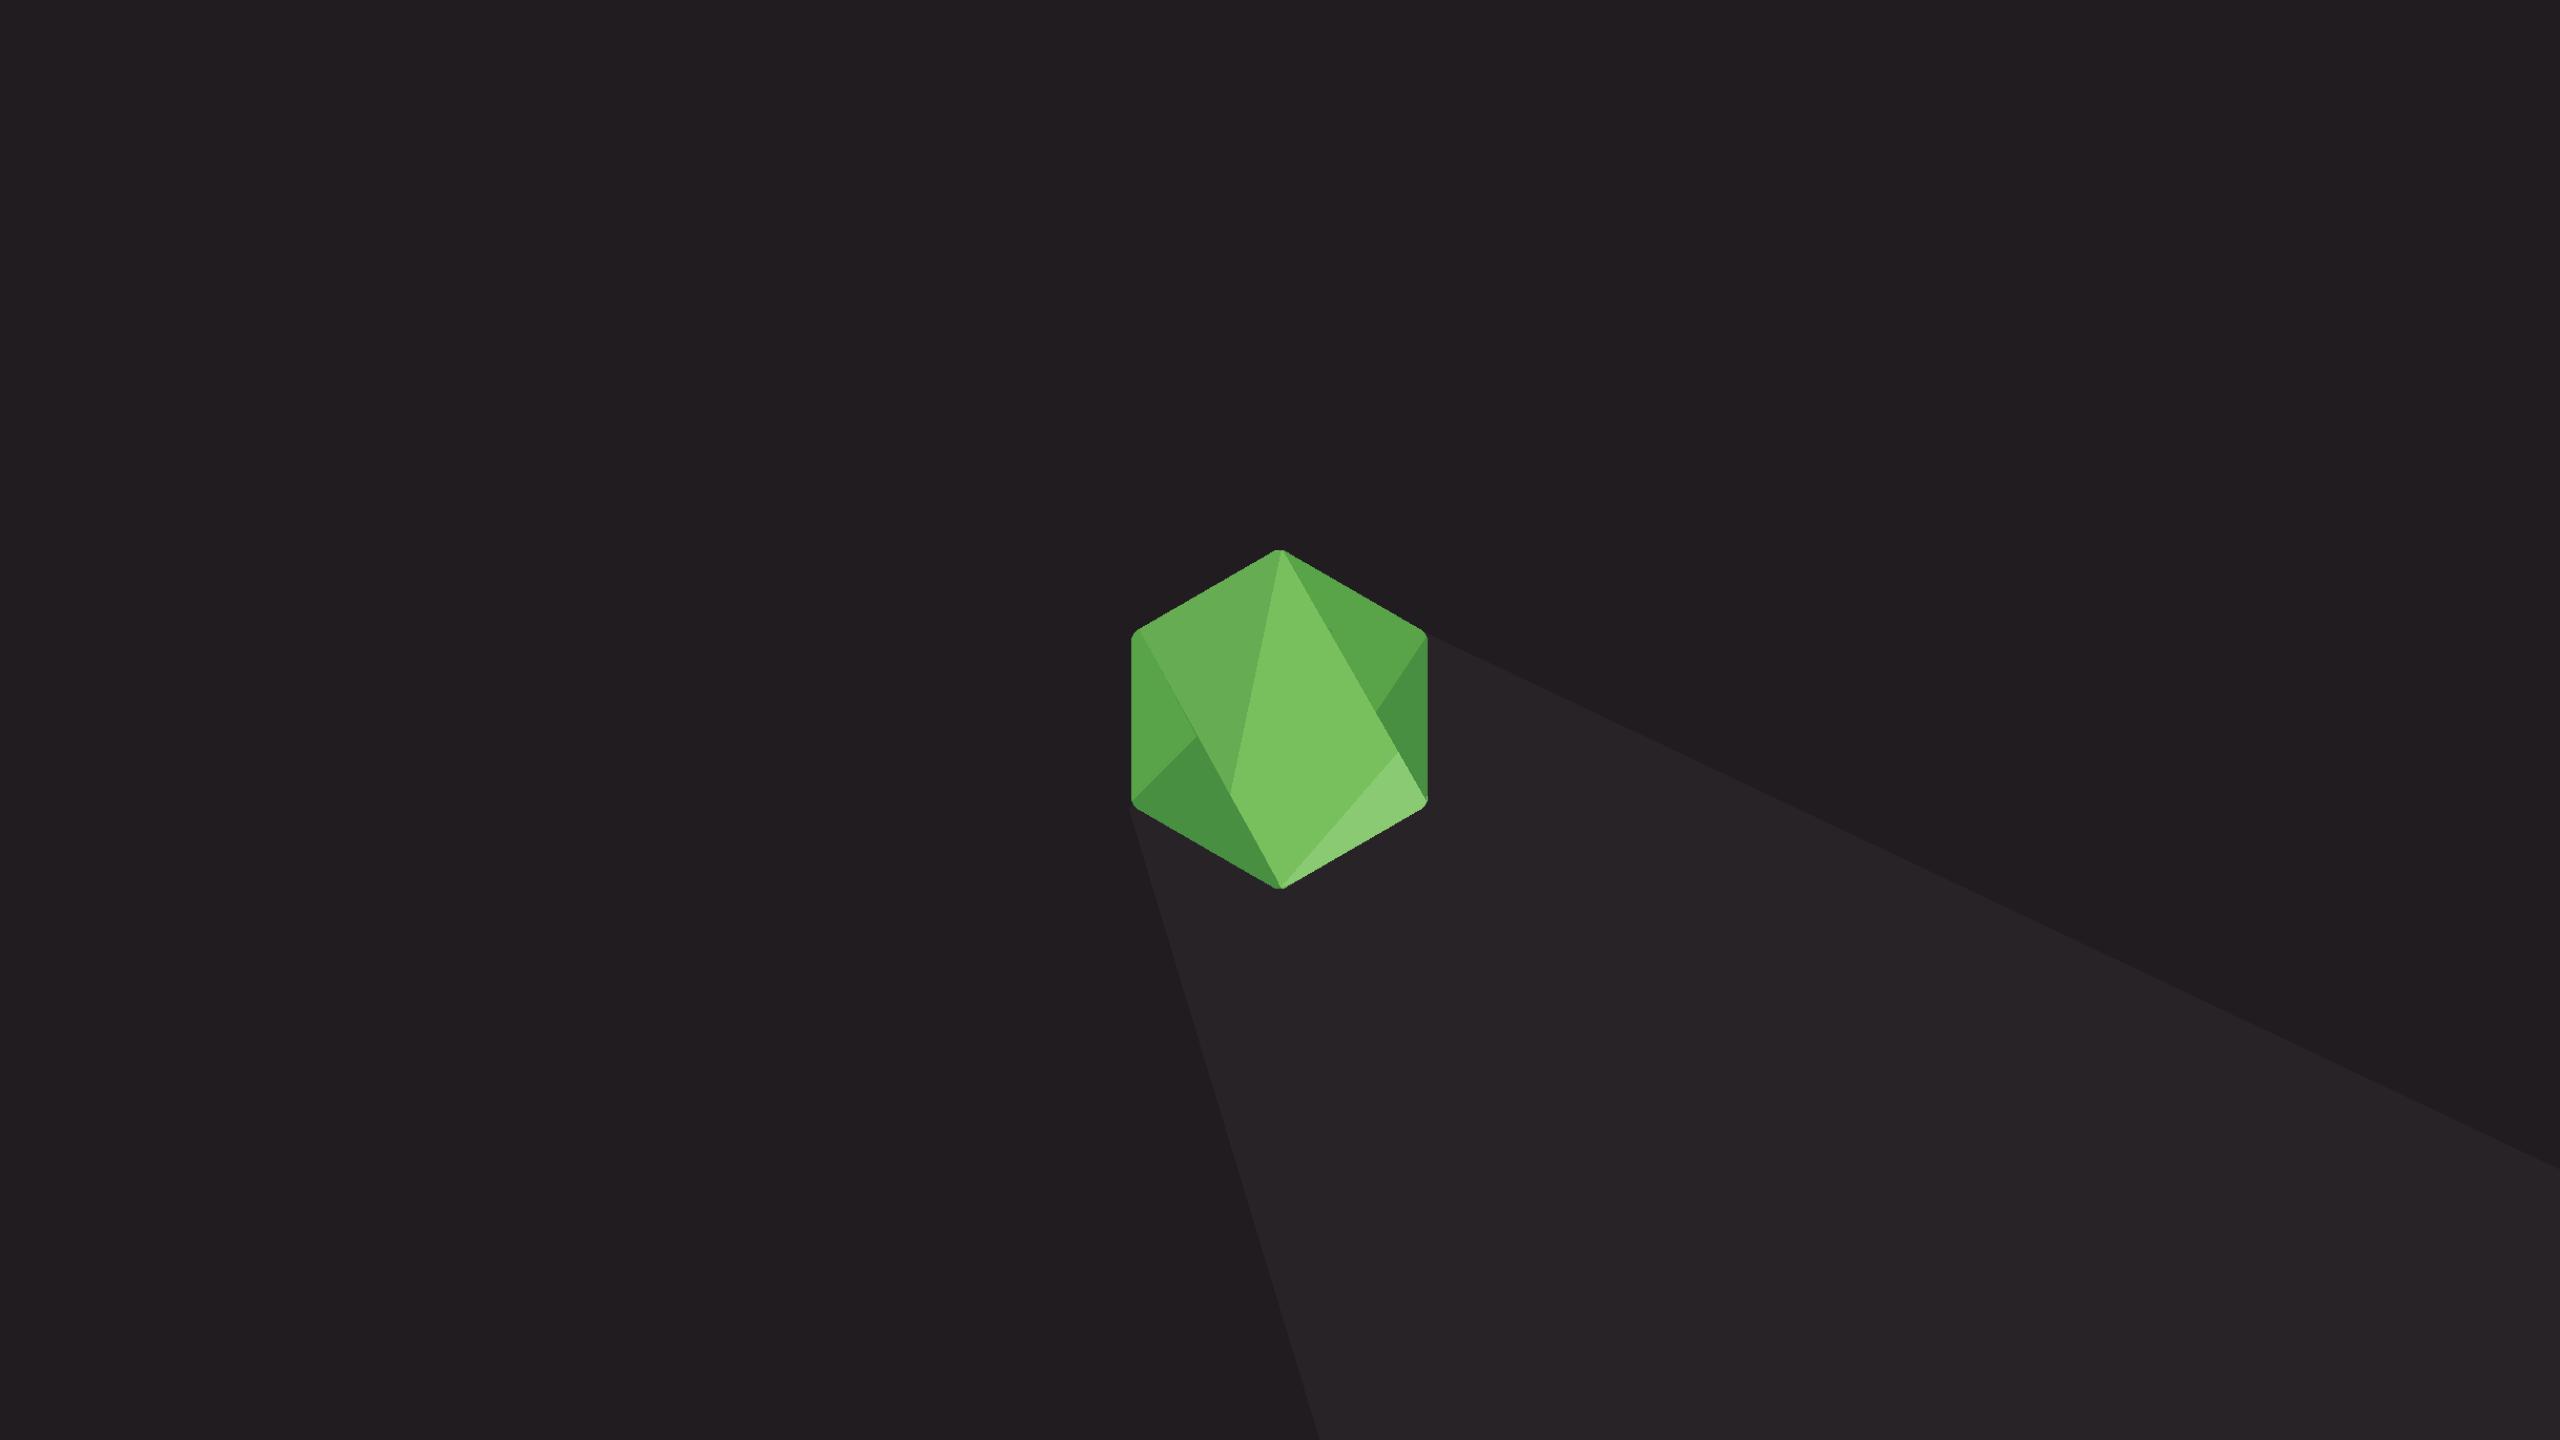 Nodejs Hexagon   Imgur 2560x1440